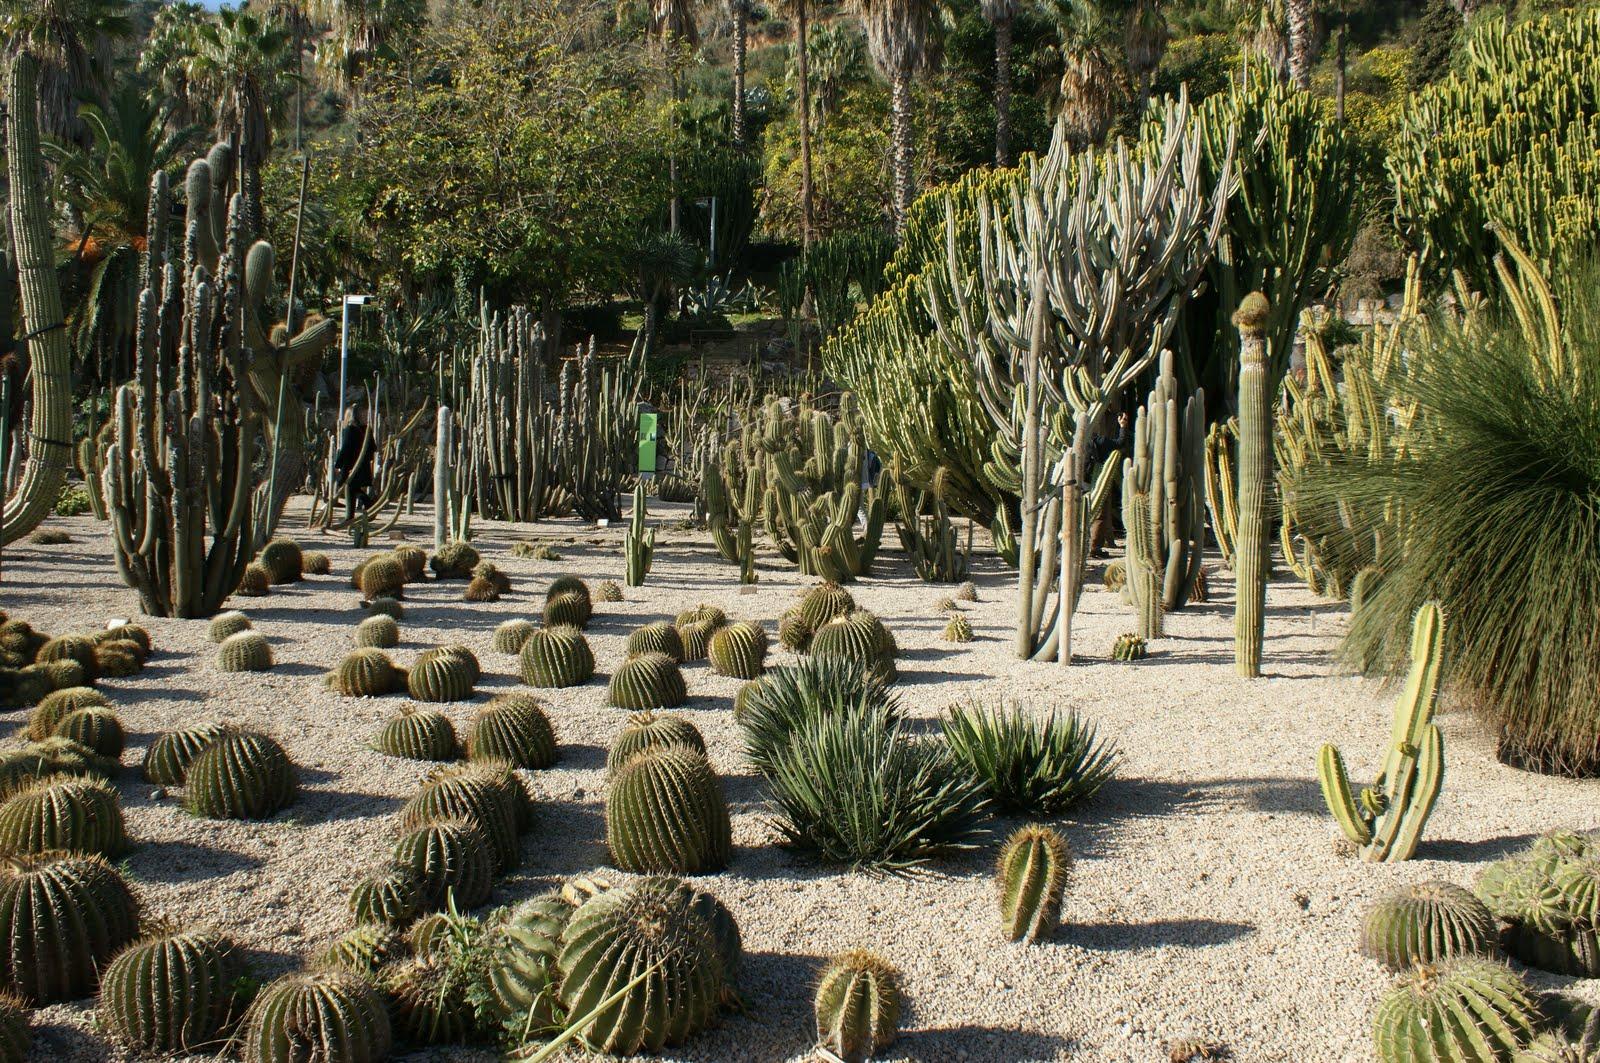 Paisaje bitacora enero 2011 for Jardines con cactus